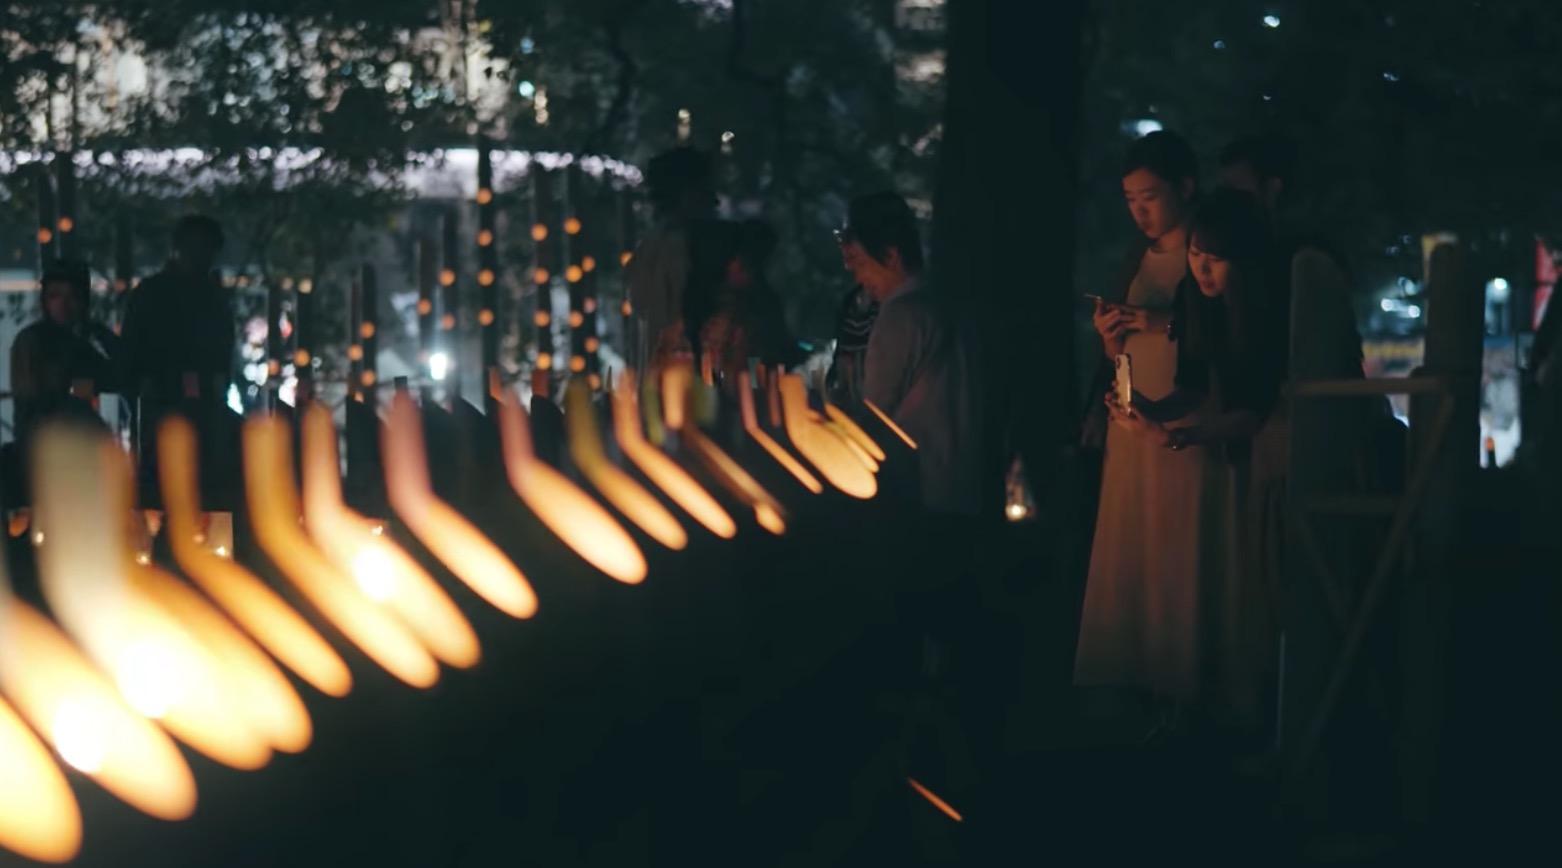 みずあかりについて調べてみたよ。幻想的な灯りの祭典に行ってみらんね?